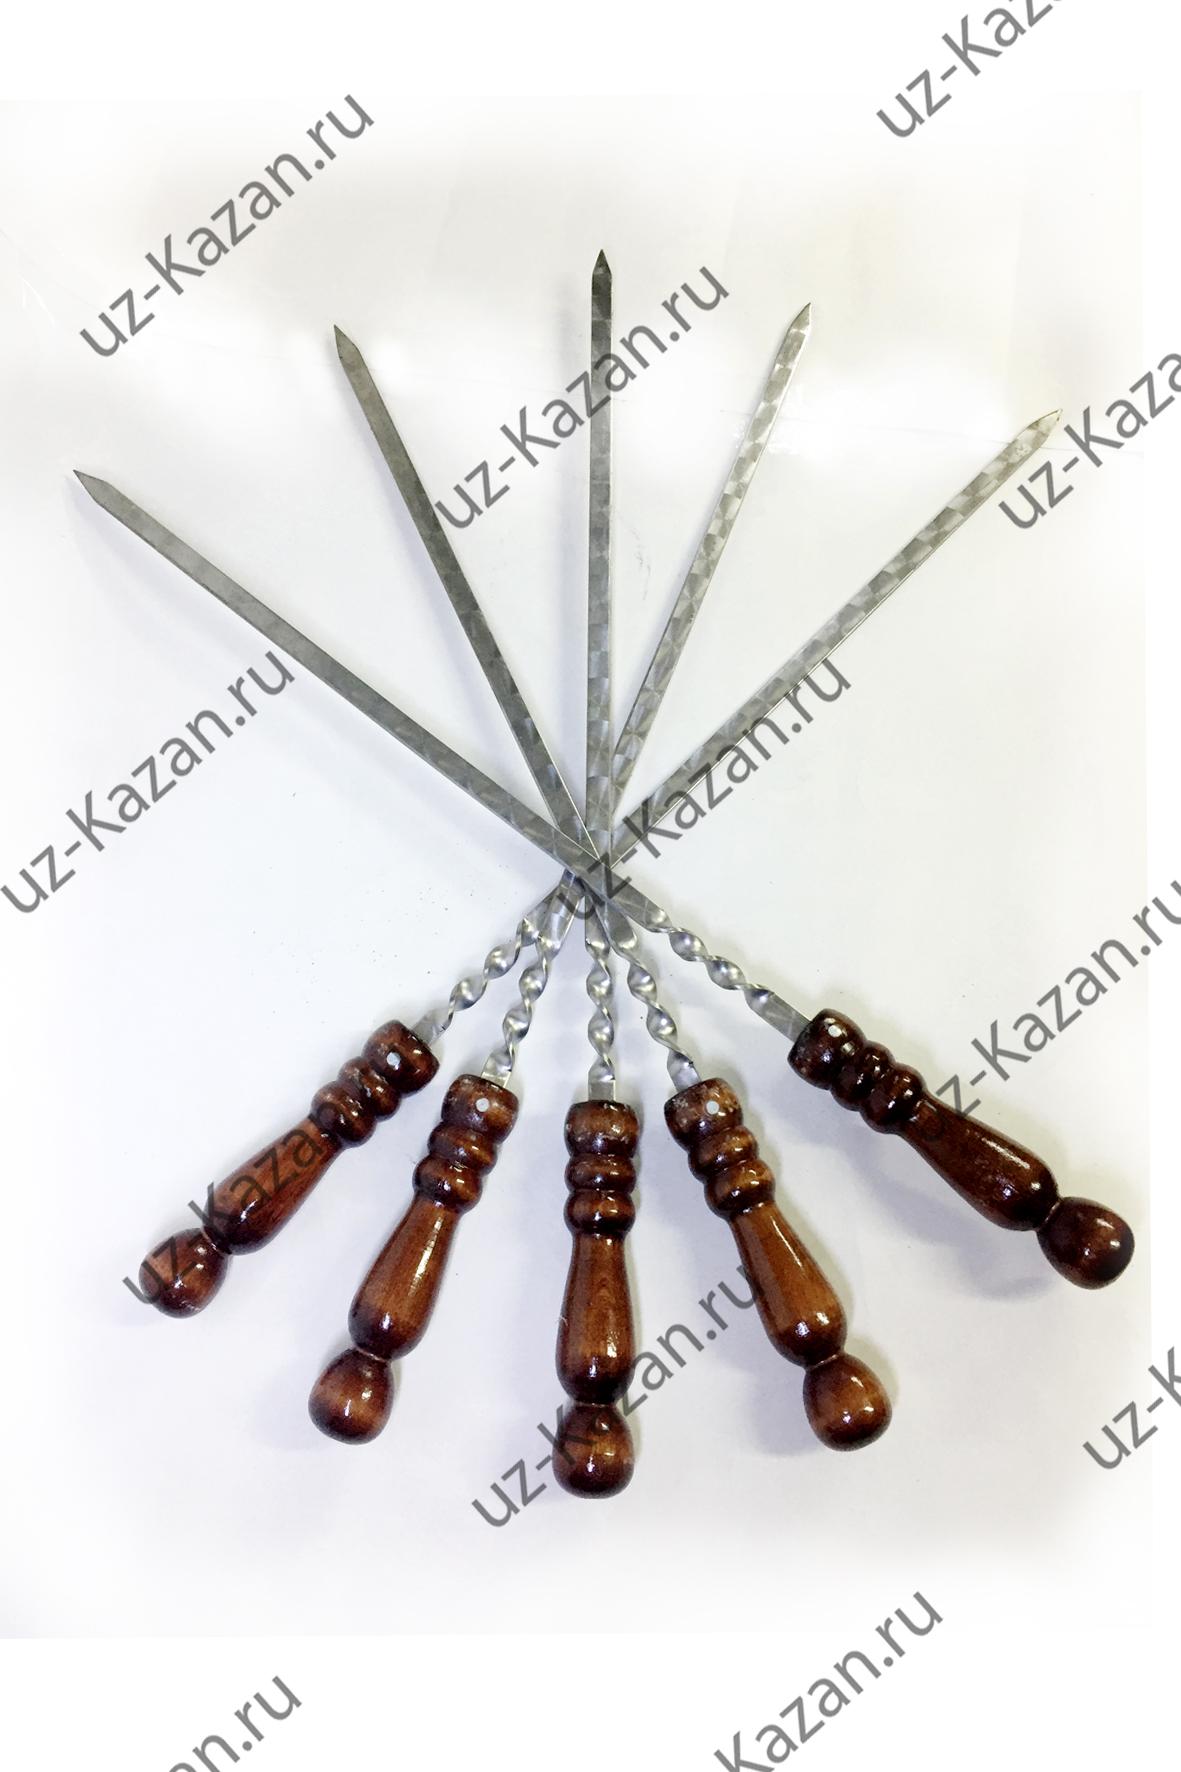 Шампура с деревянными ручками длина 45см ширина 12мм толщина 2мм 1шт 250р